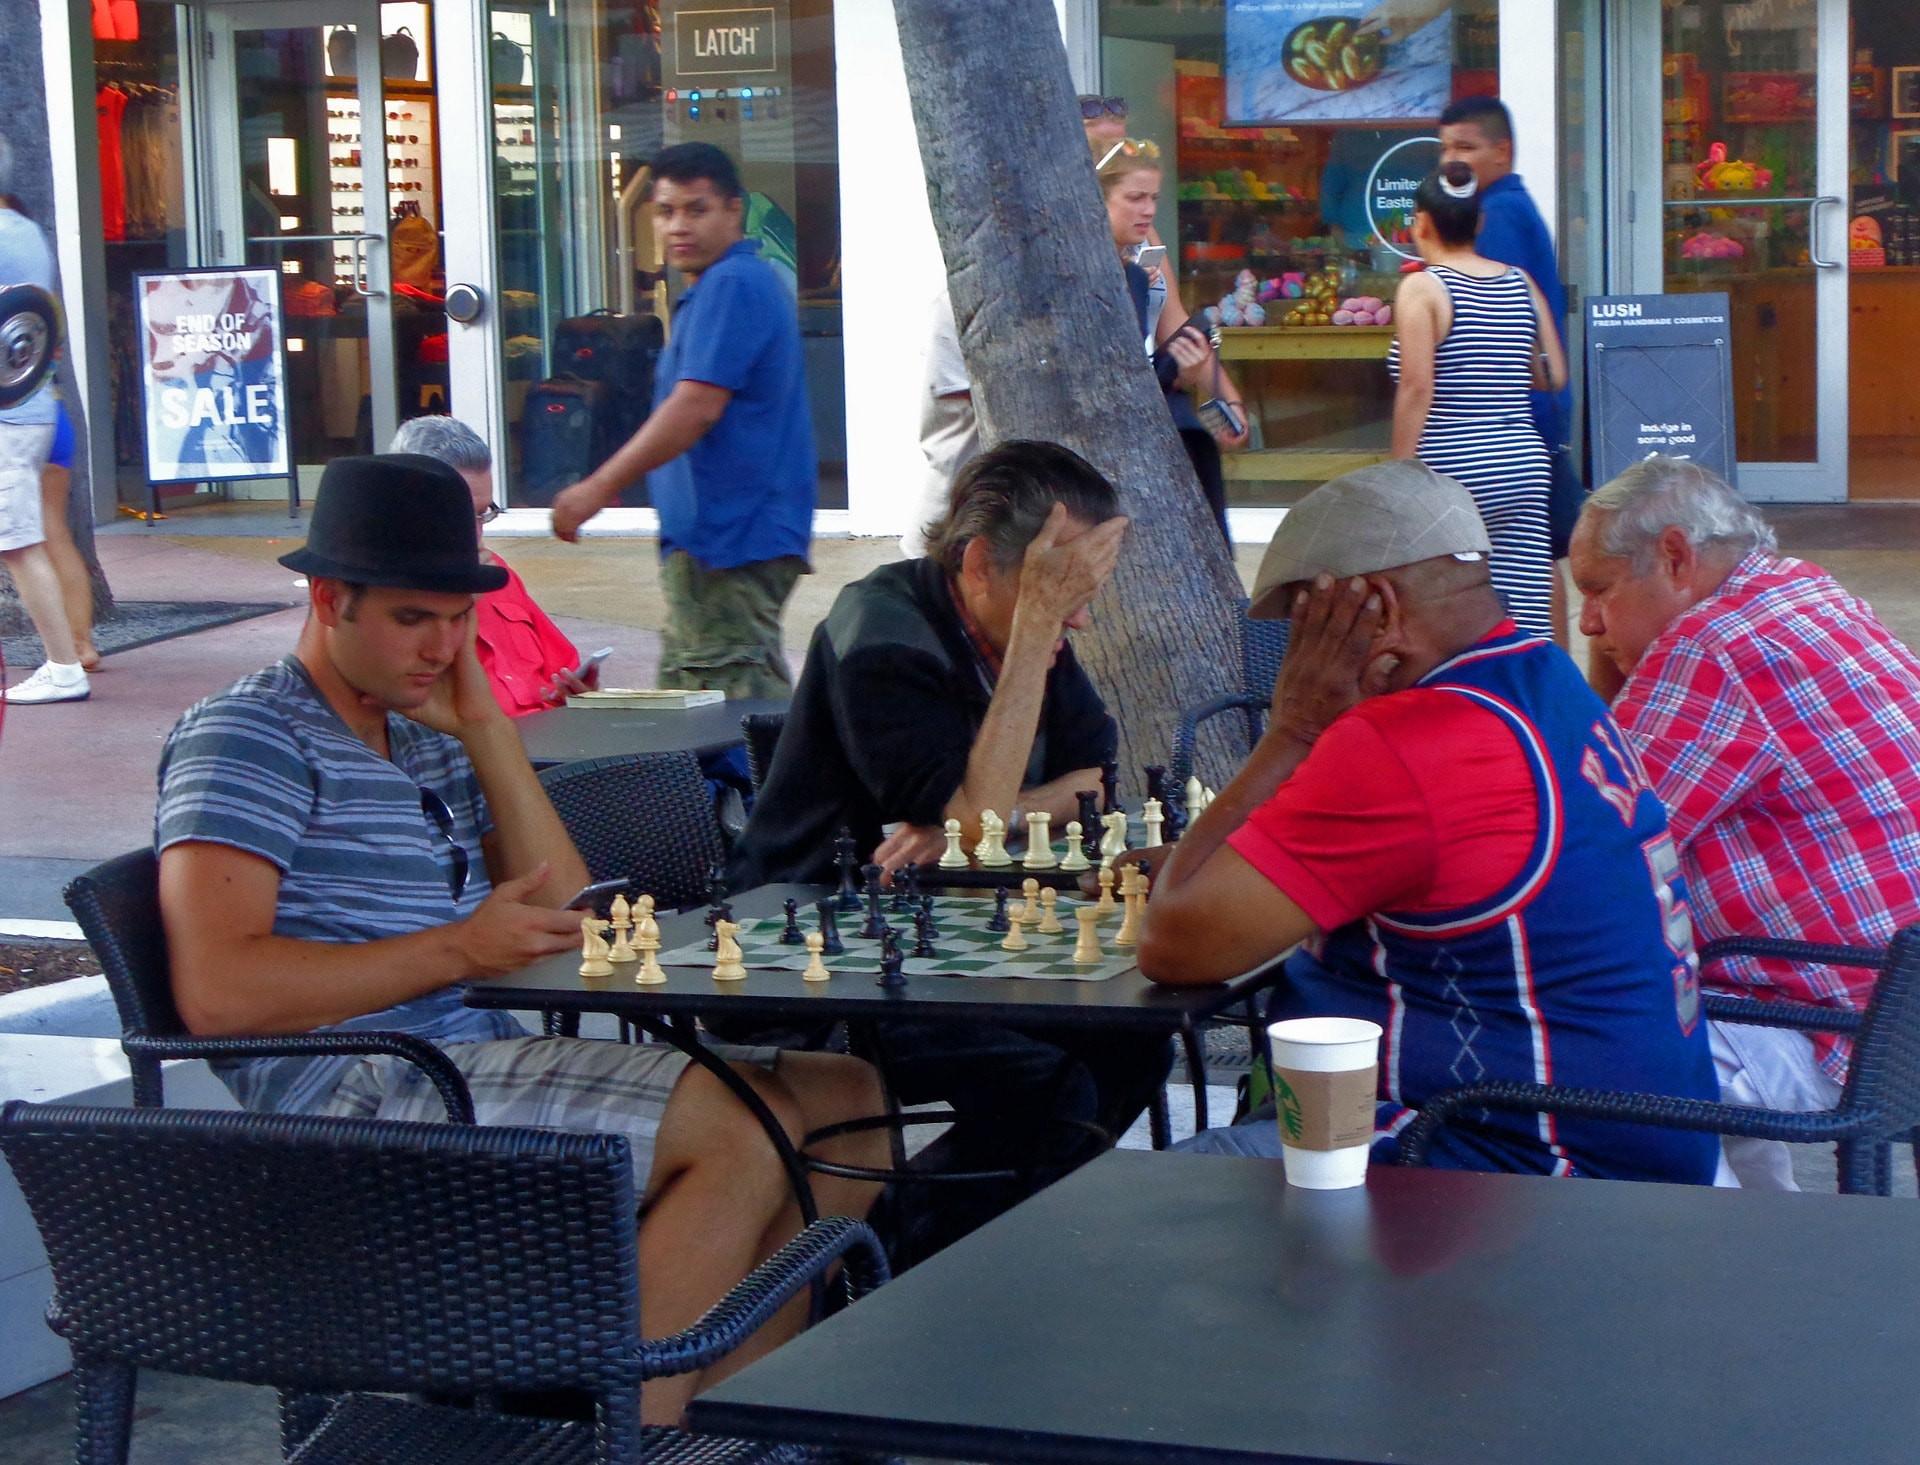 Miami locals